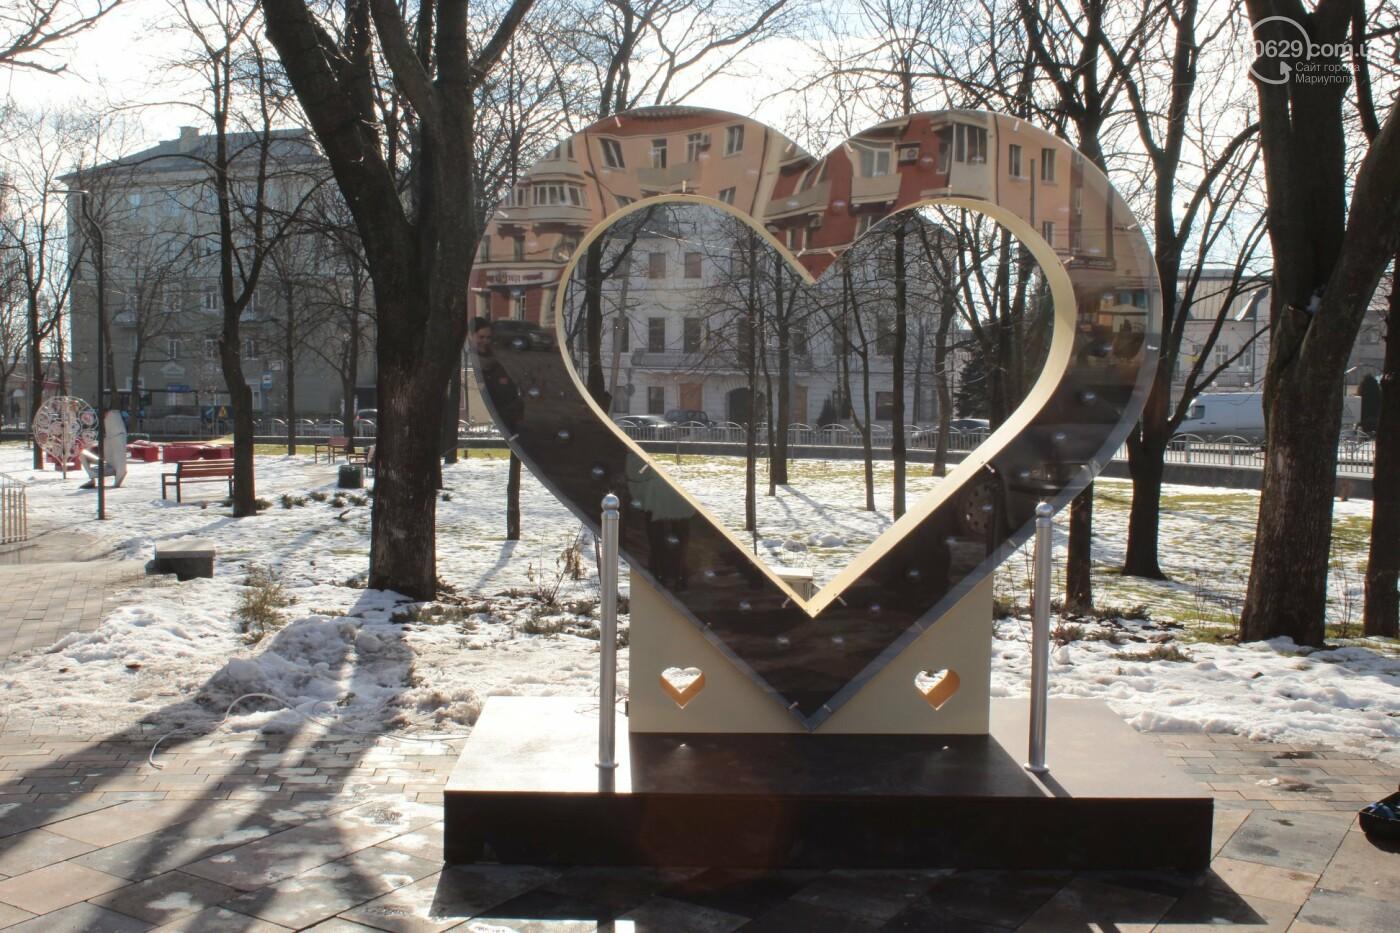 Праздник влюбленных: браки до ночи, электросердце и праздники в ДК, - ФОТО, фото-3